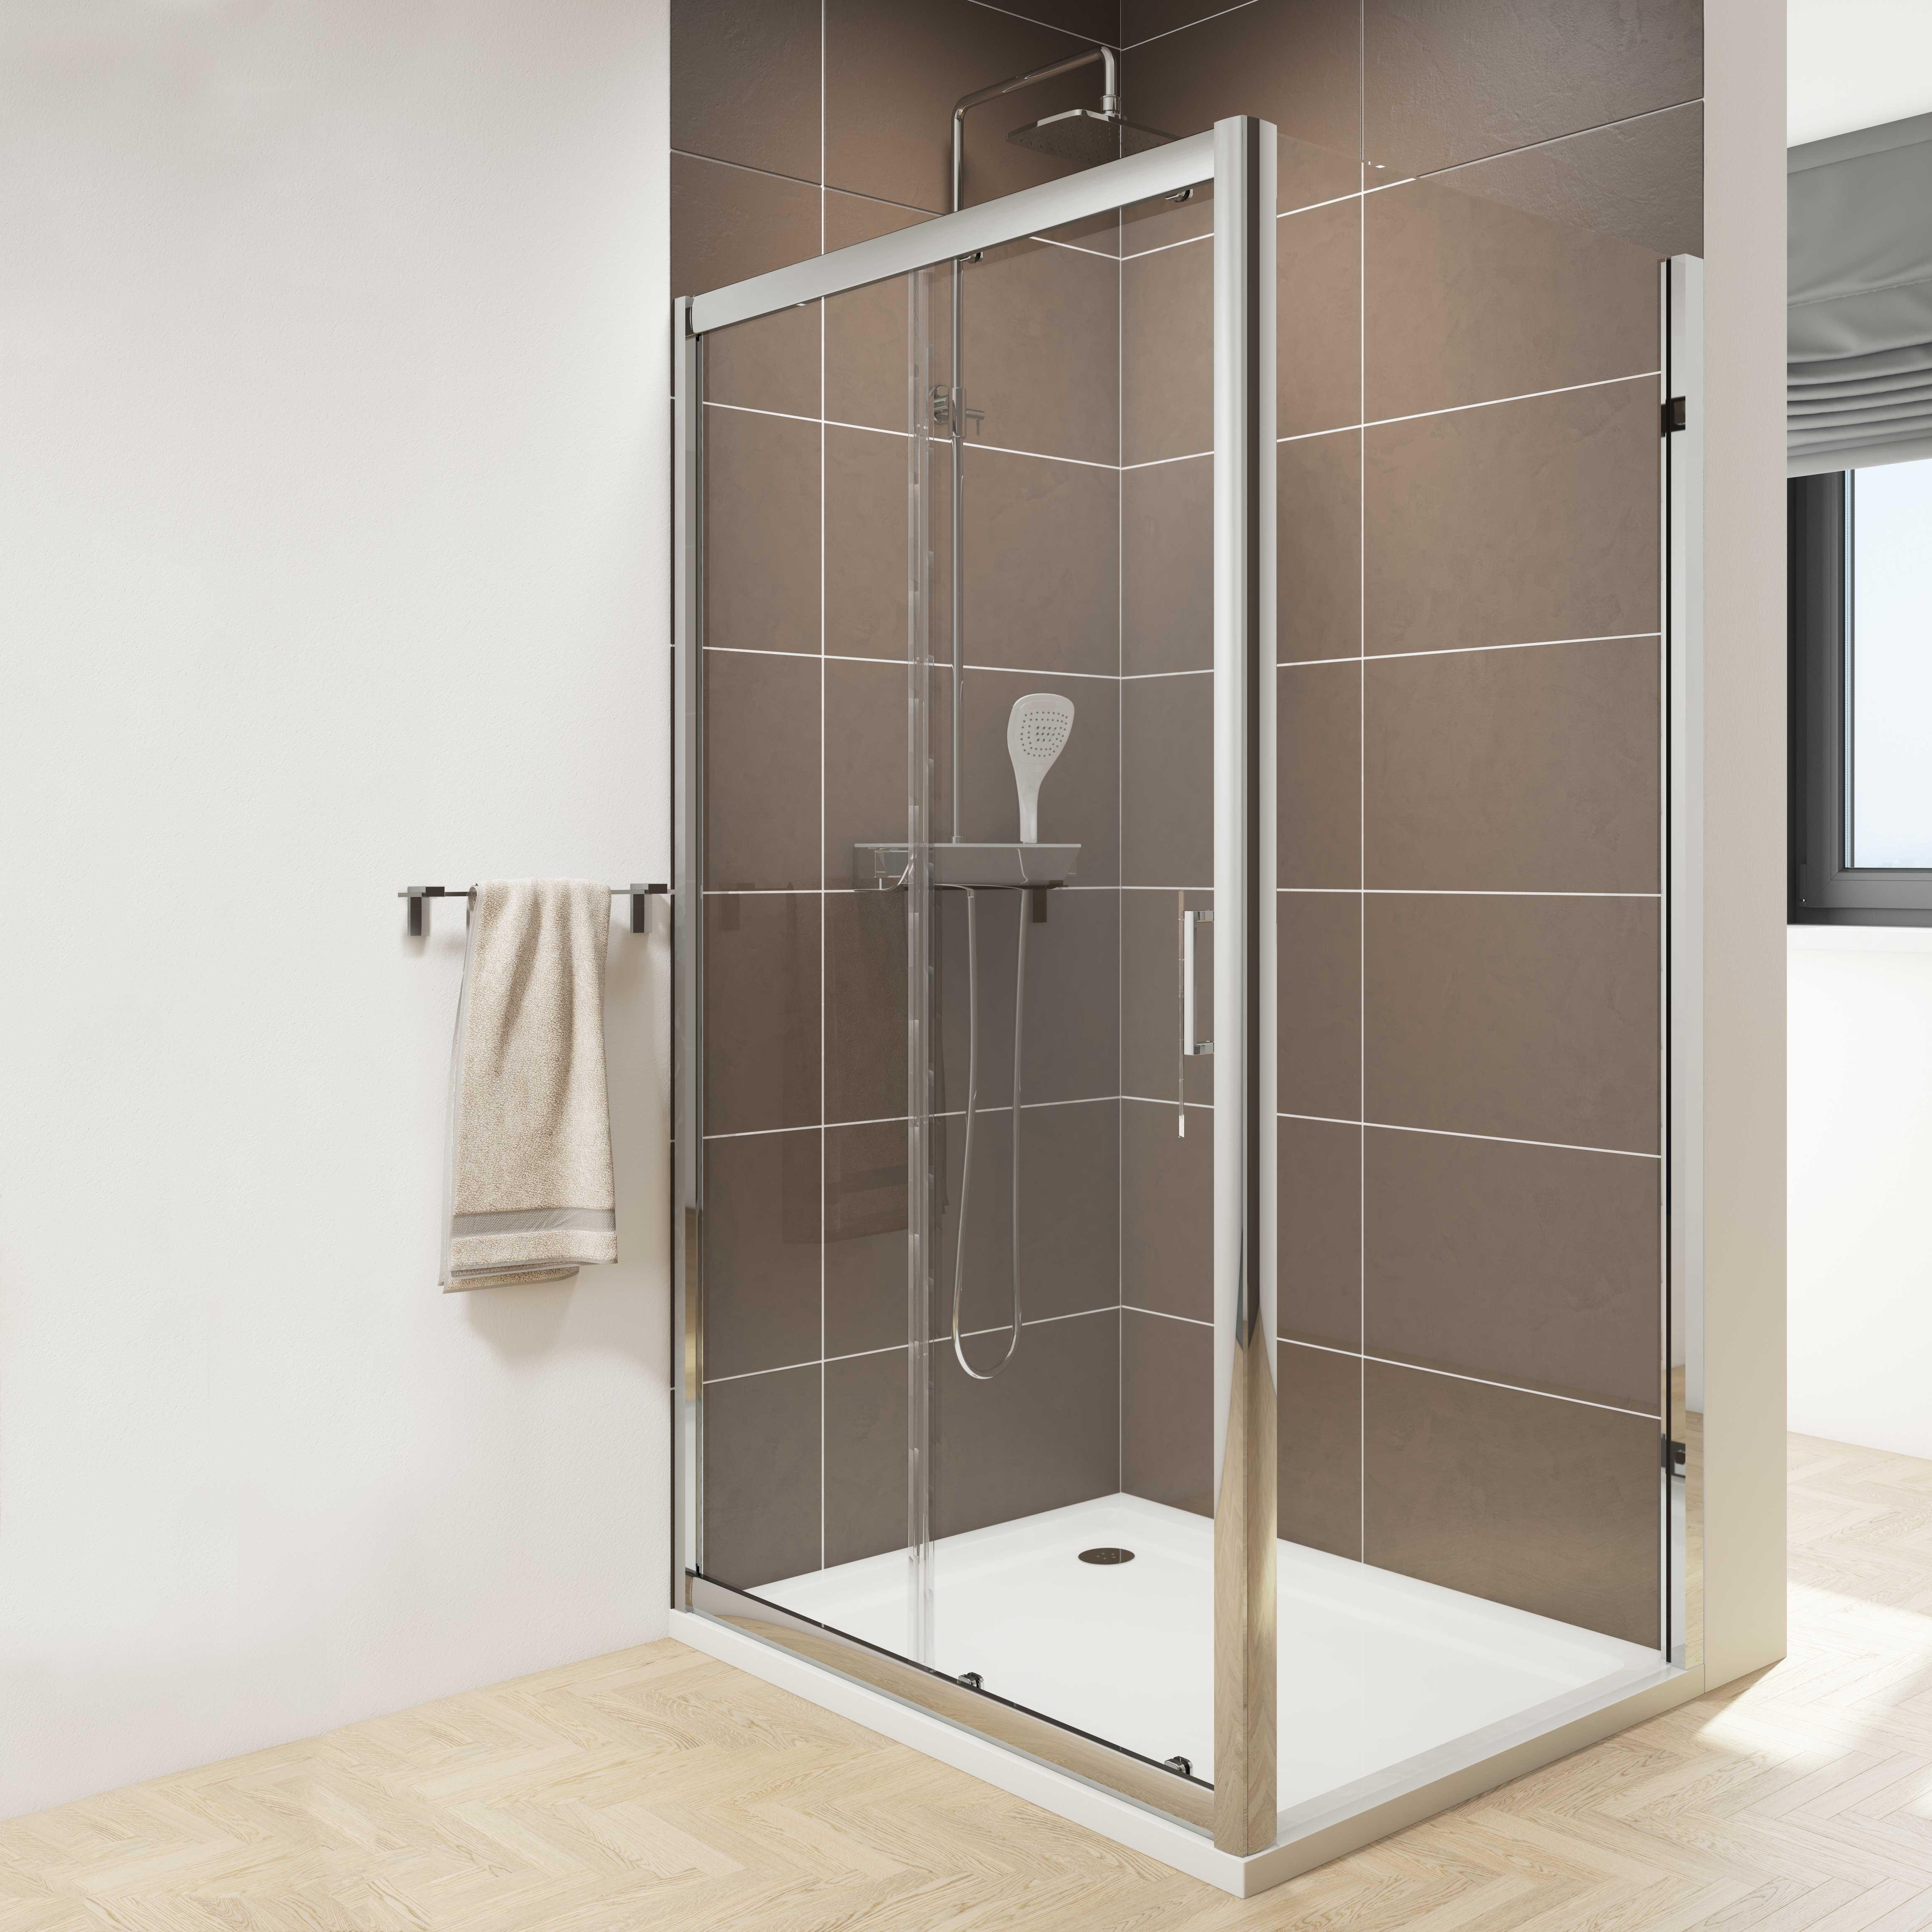 Cassellie Seis Sliding Door Shower Enclosure | eBay